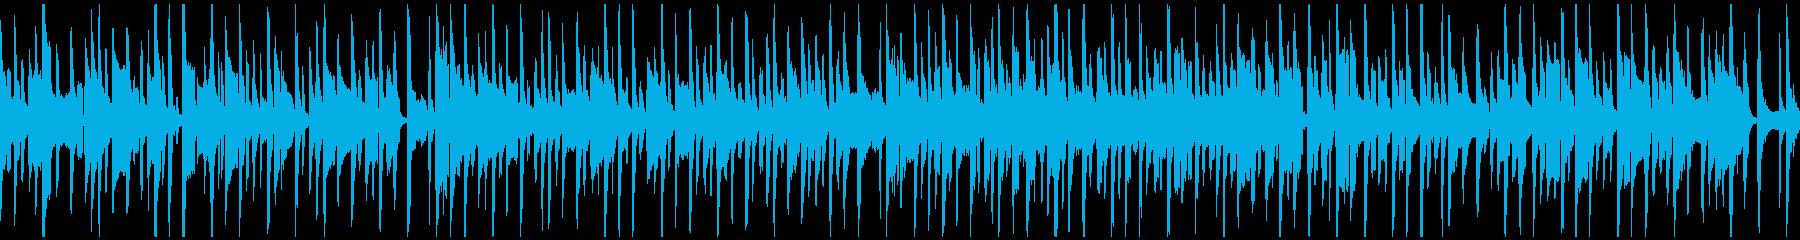 すっとぼけた脱力リコーダー ※ループ版の再生済みの波形